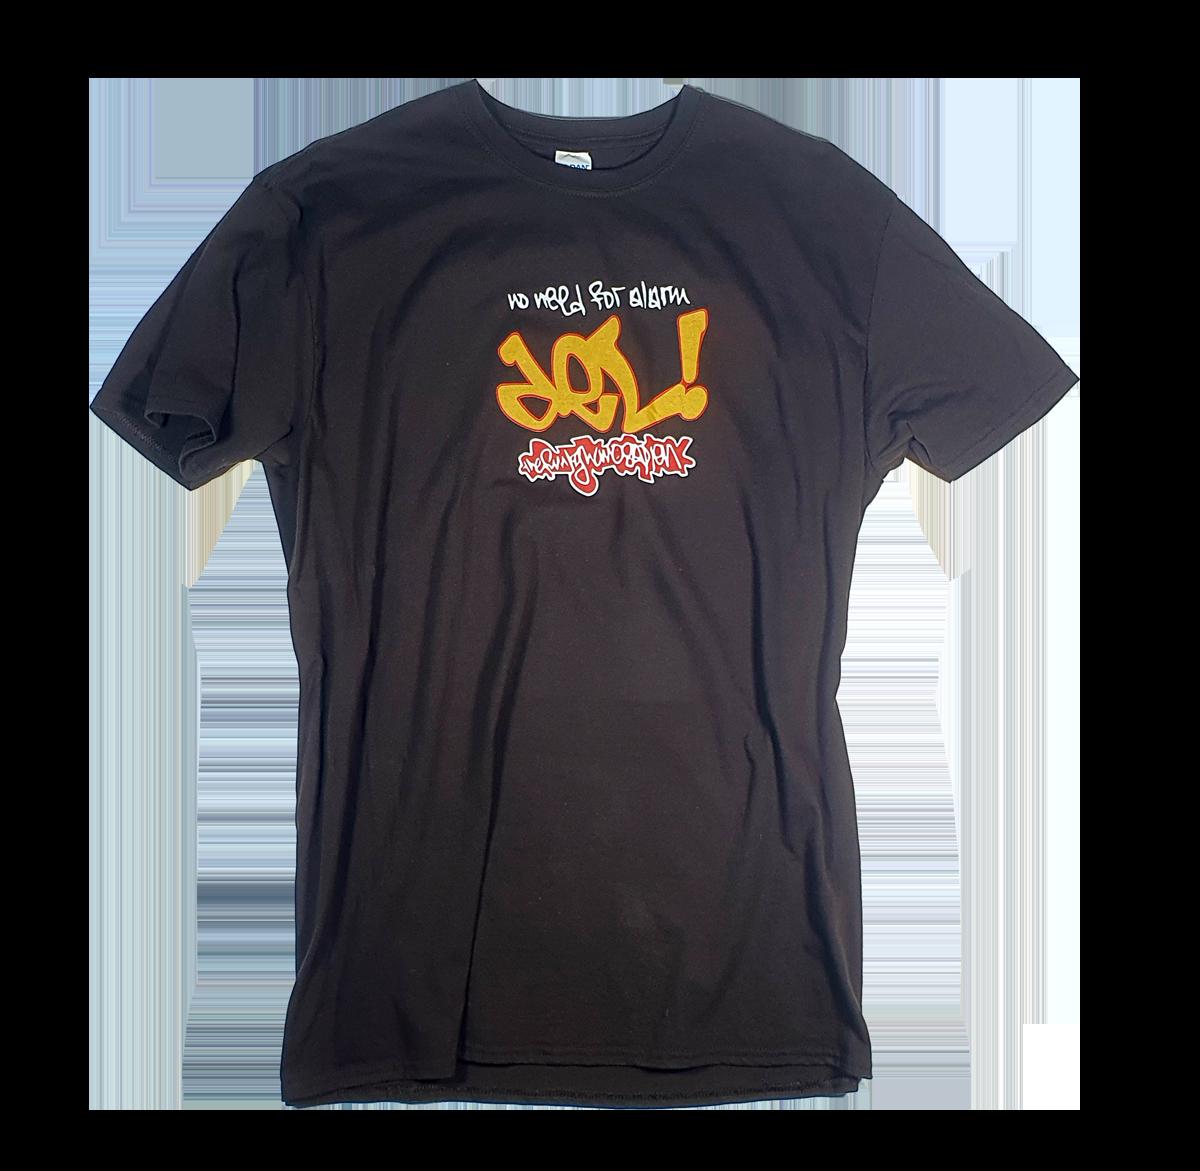 Del the funky homosapien - T Shirt